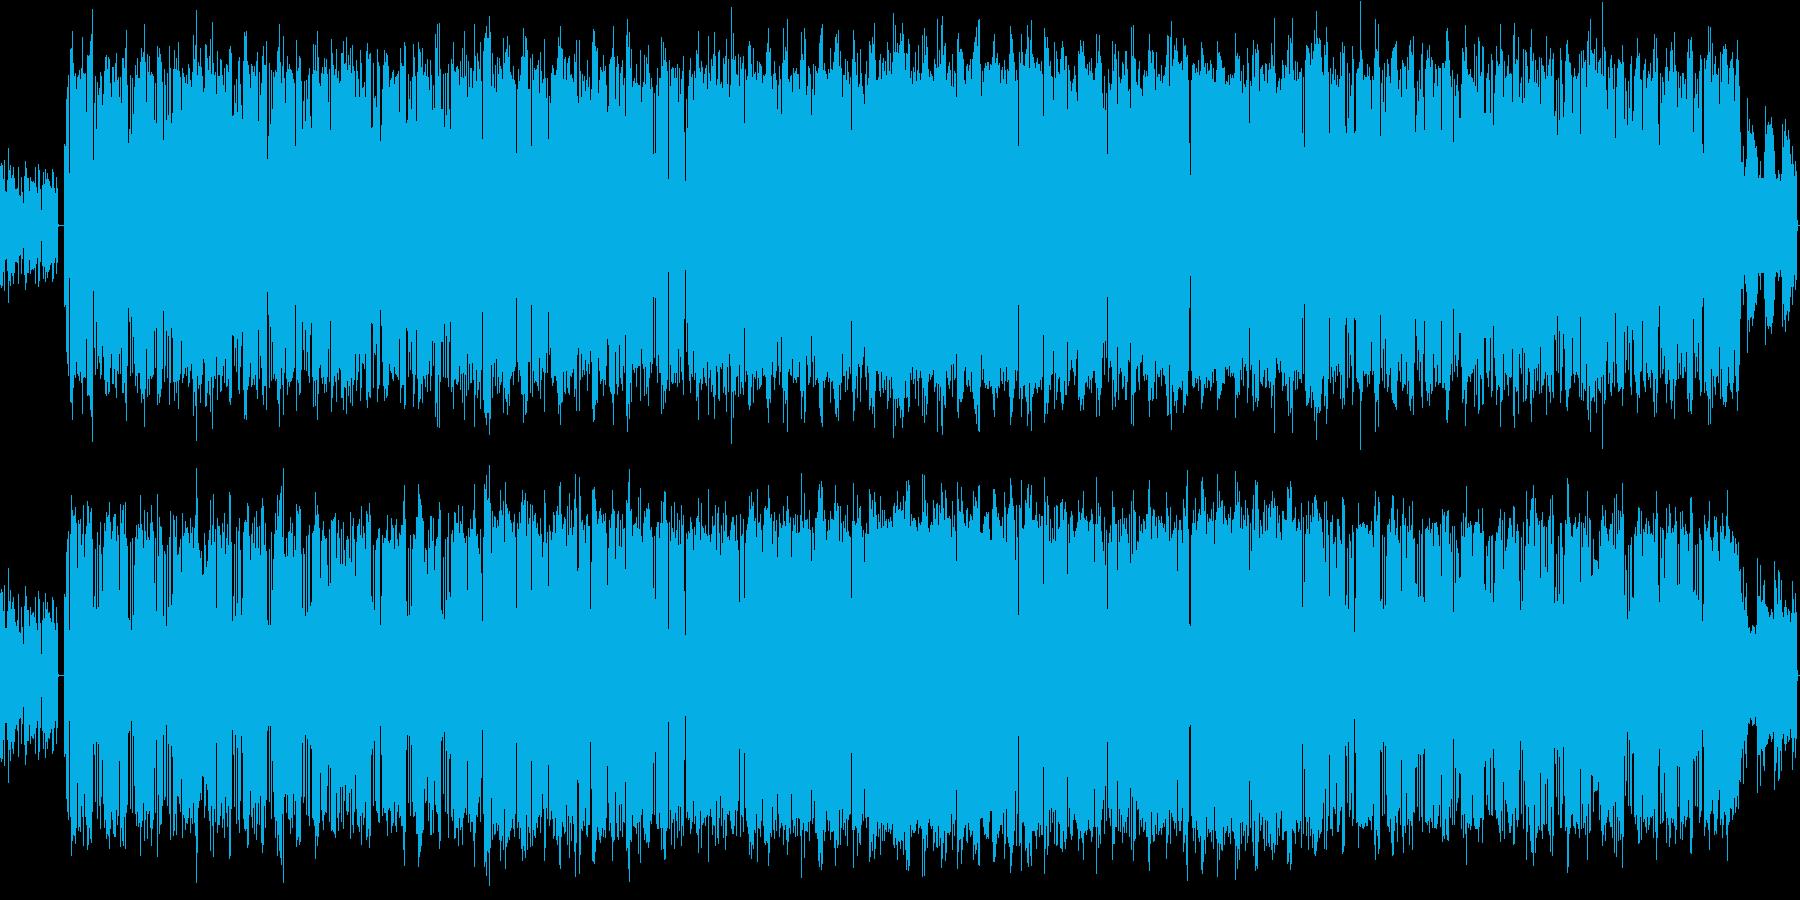 スピート感があるJAZZ FUNCKの再生済みの波形